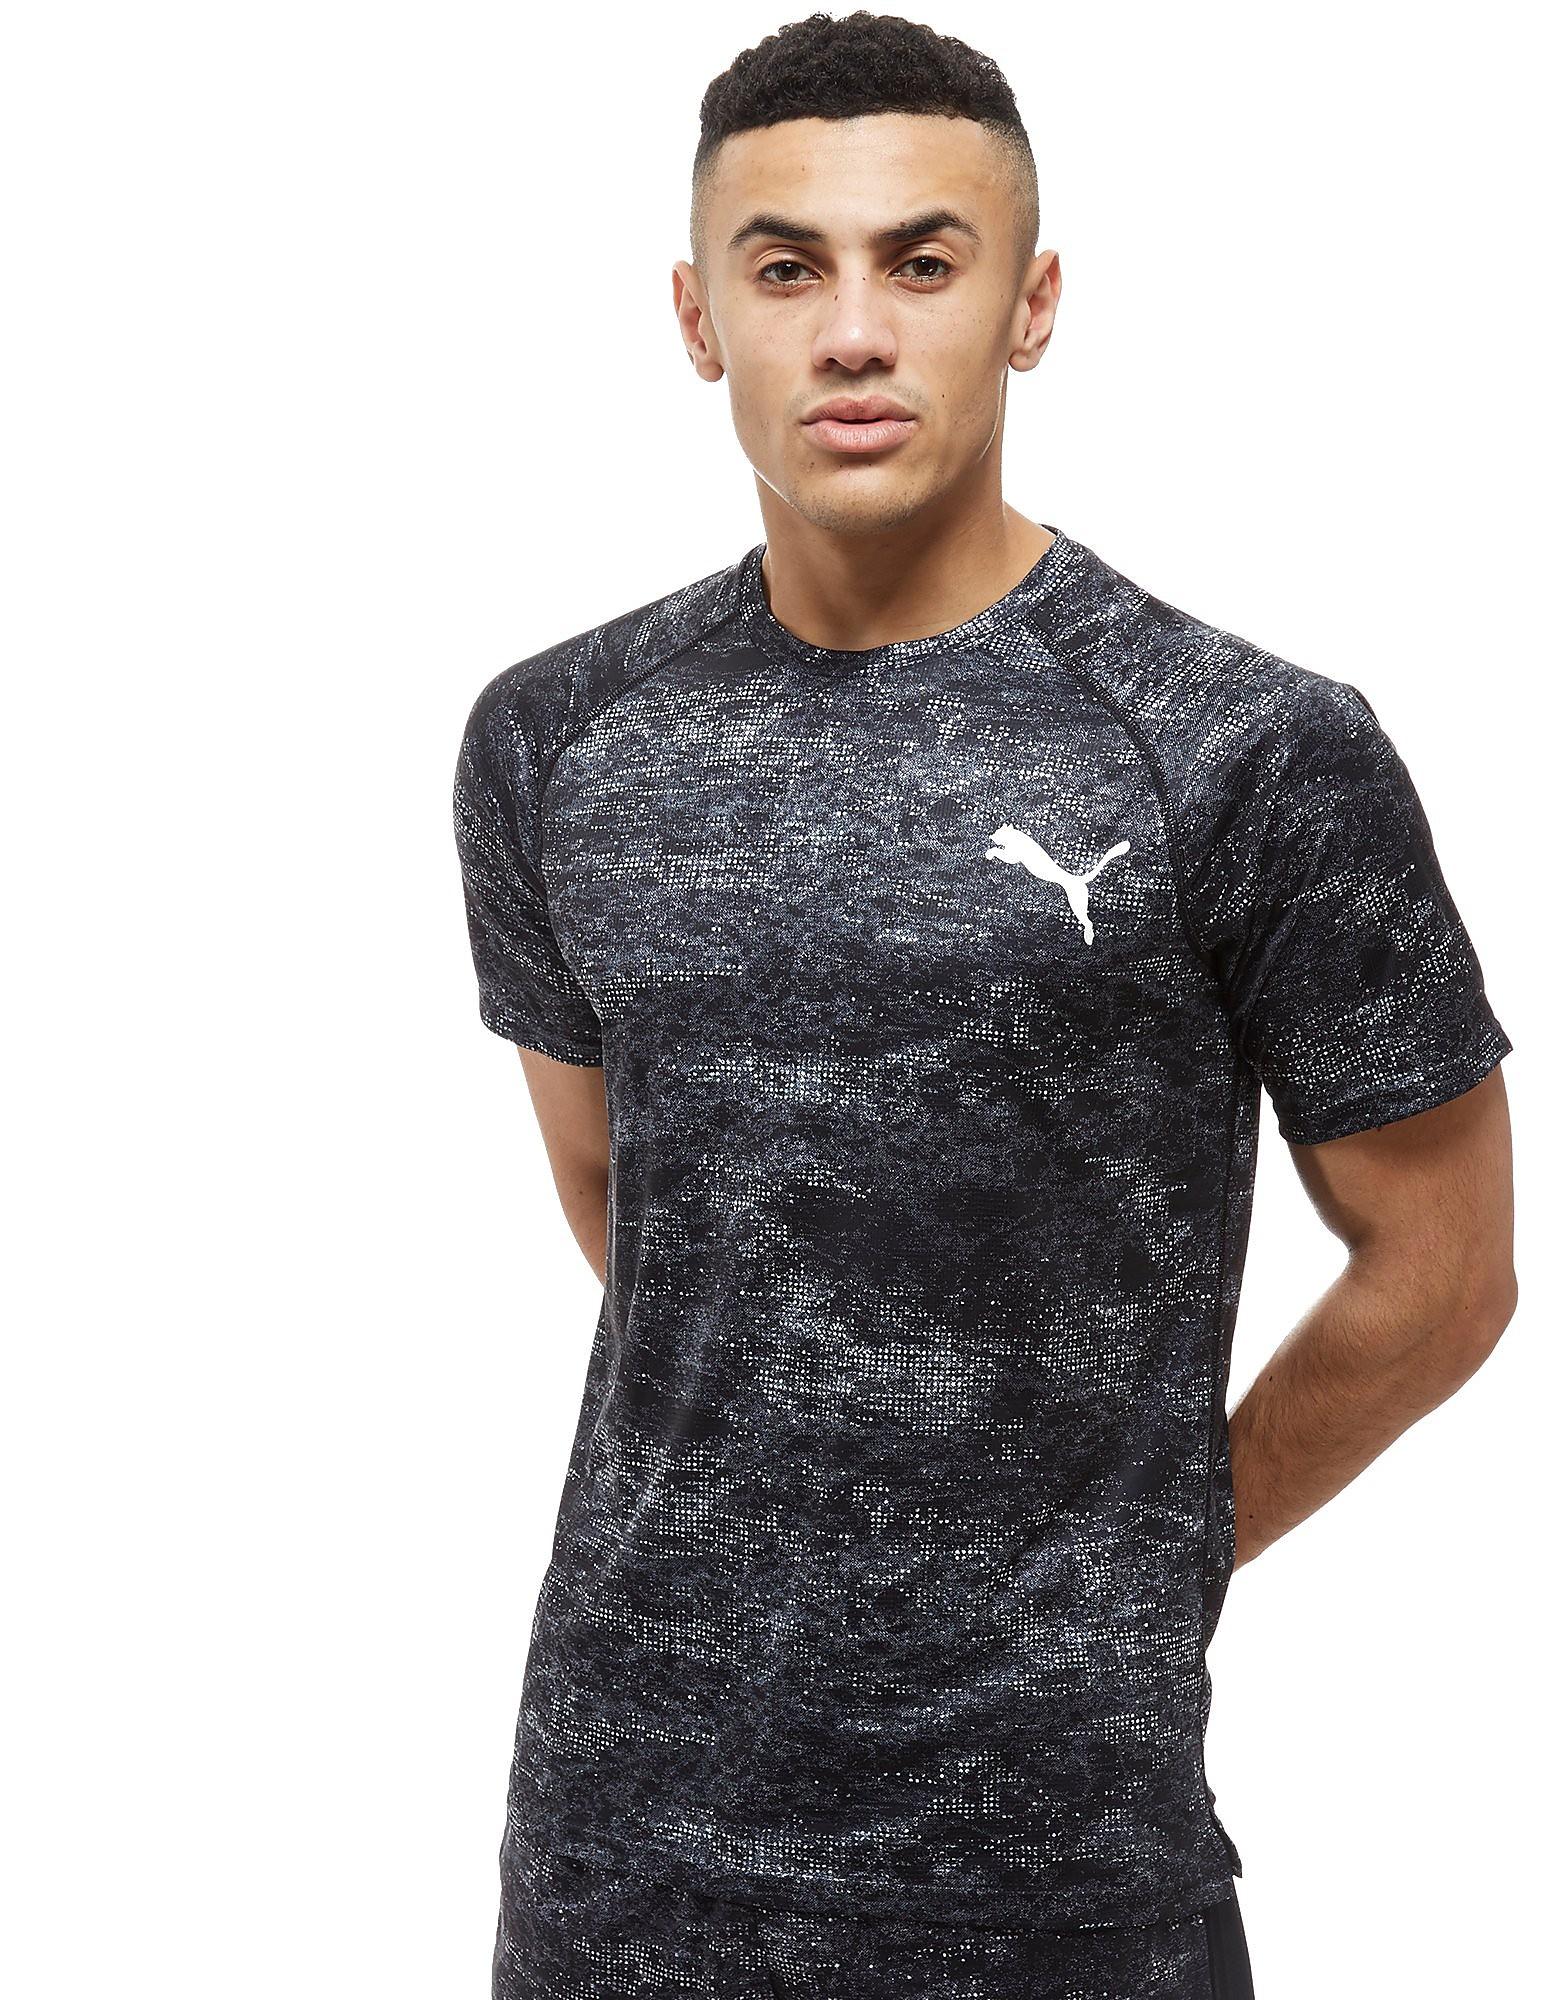 PUMA Camo Graphic T-Shirt